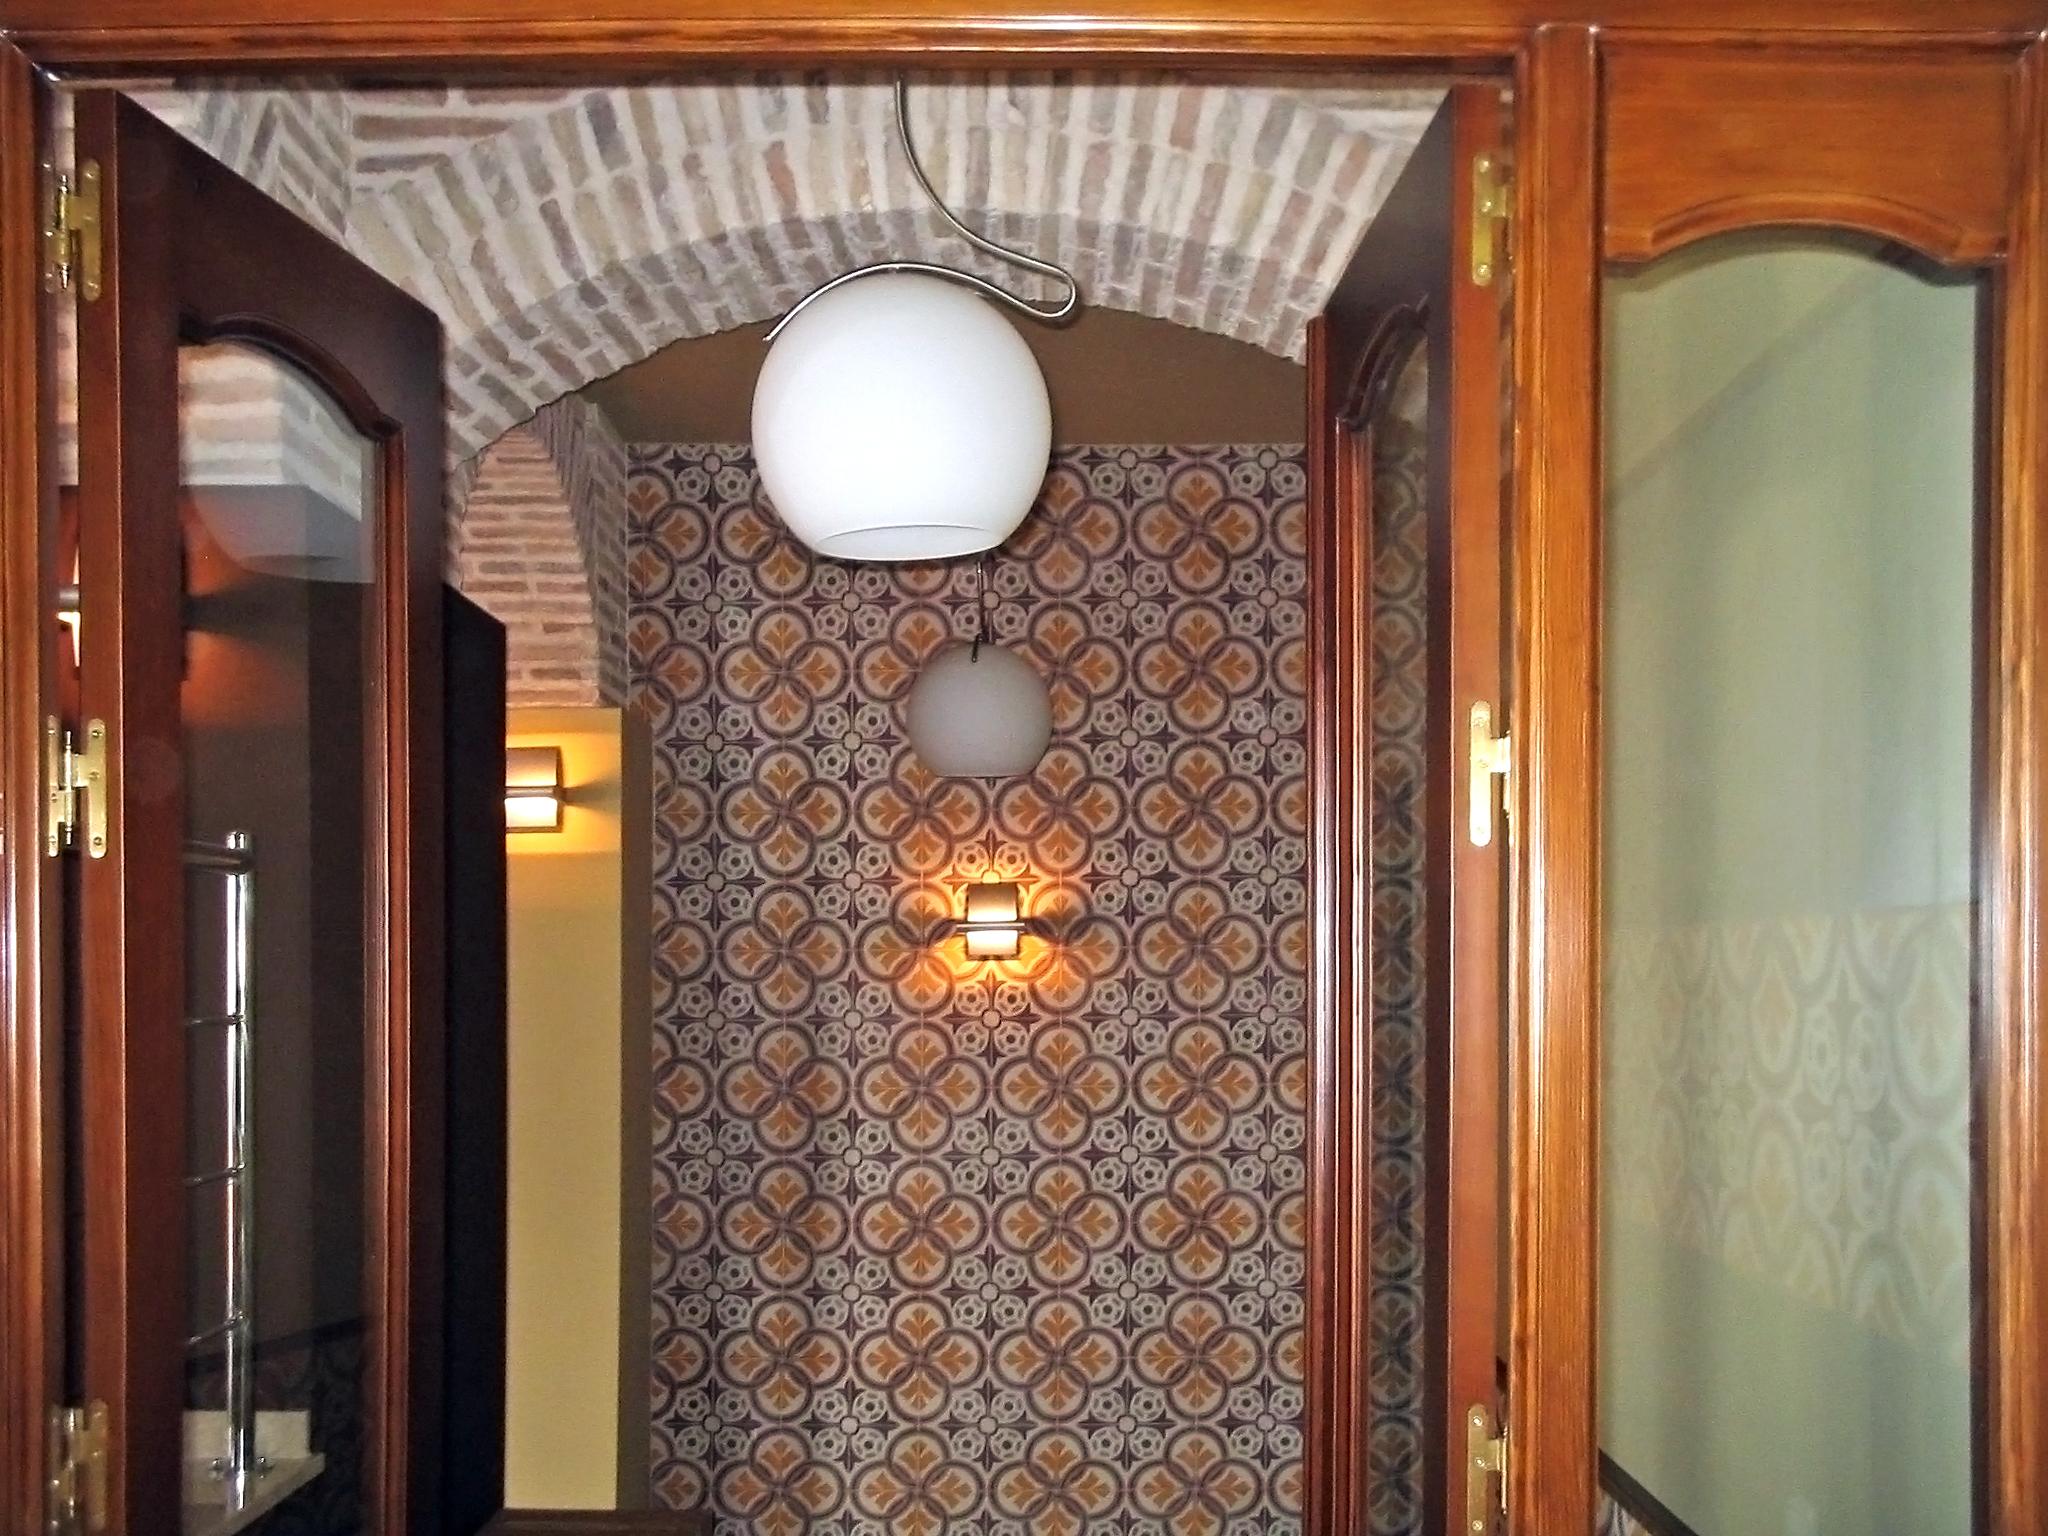 Zementfliesen an der Wand